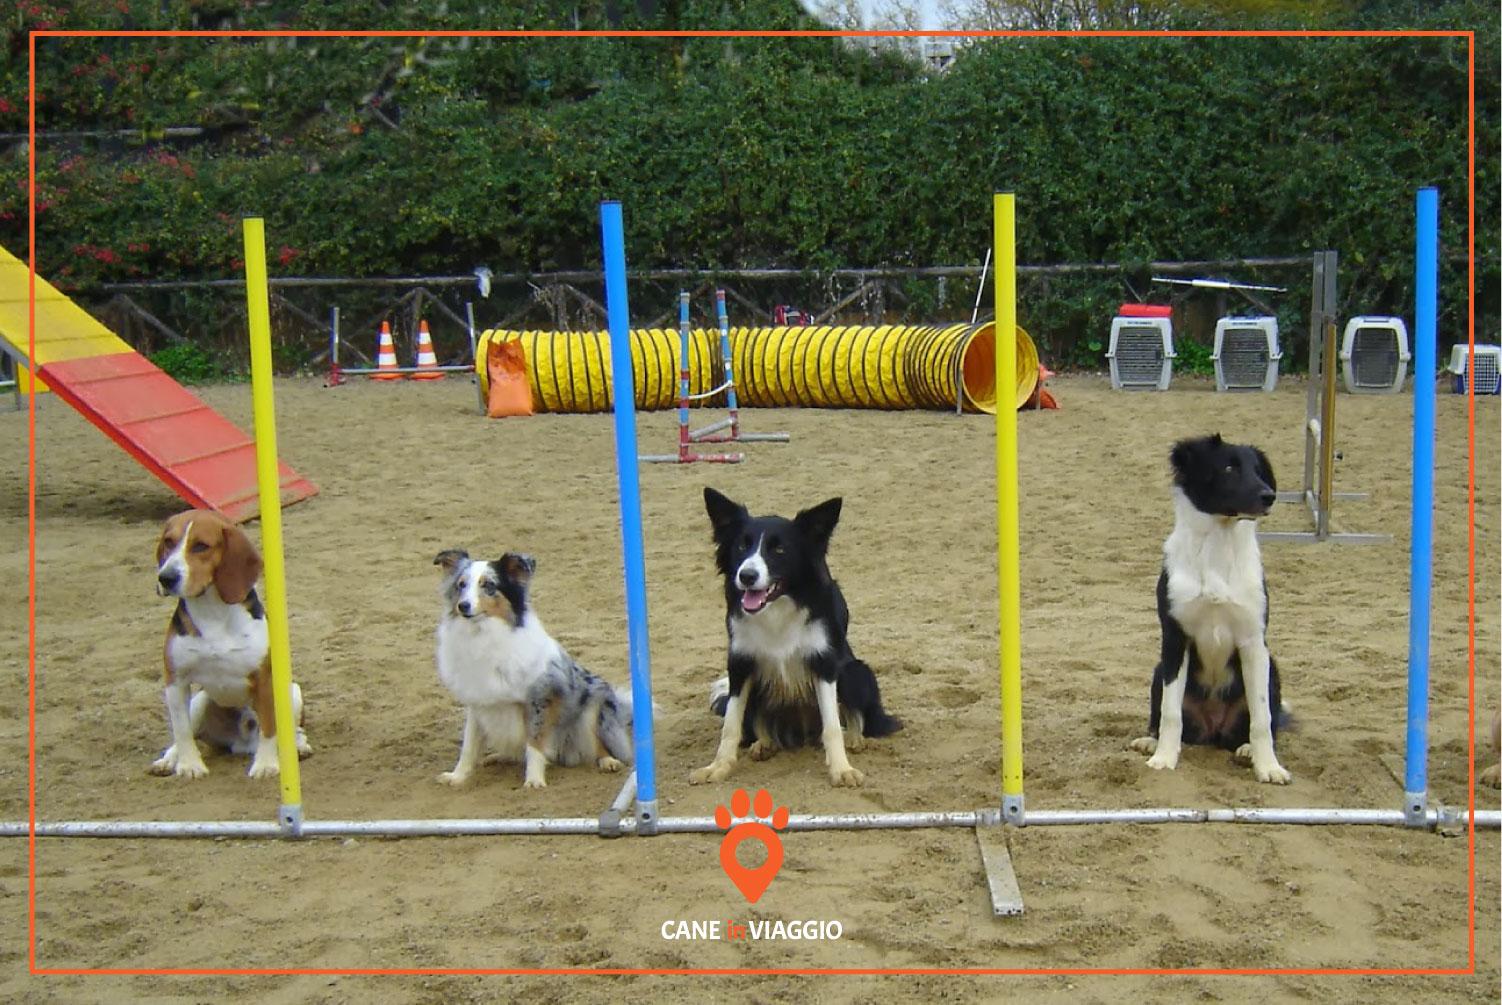 quattro cani giocano seduti in un parco giochi